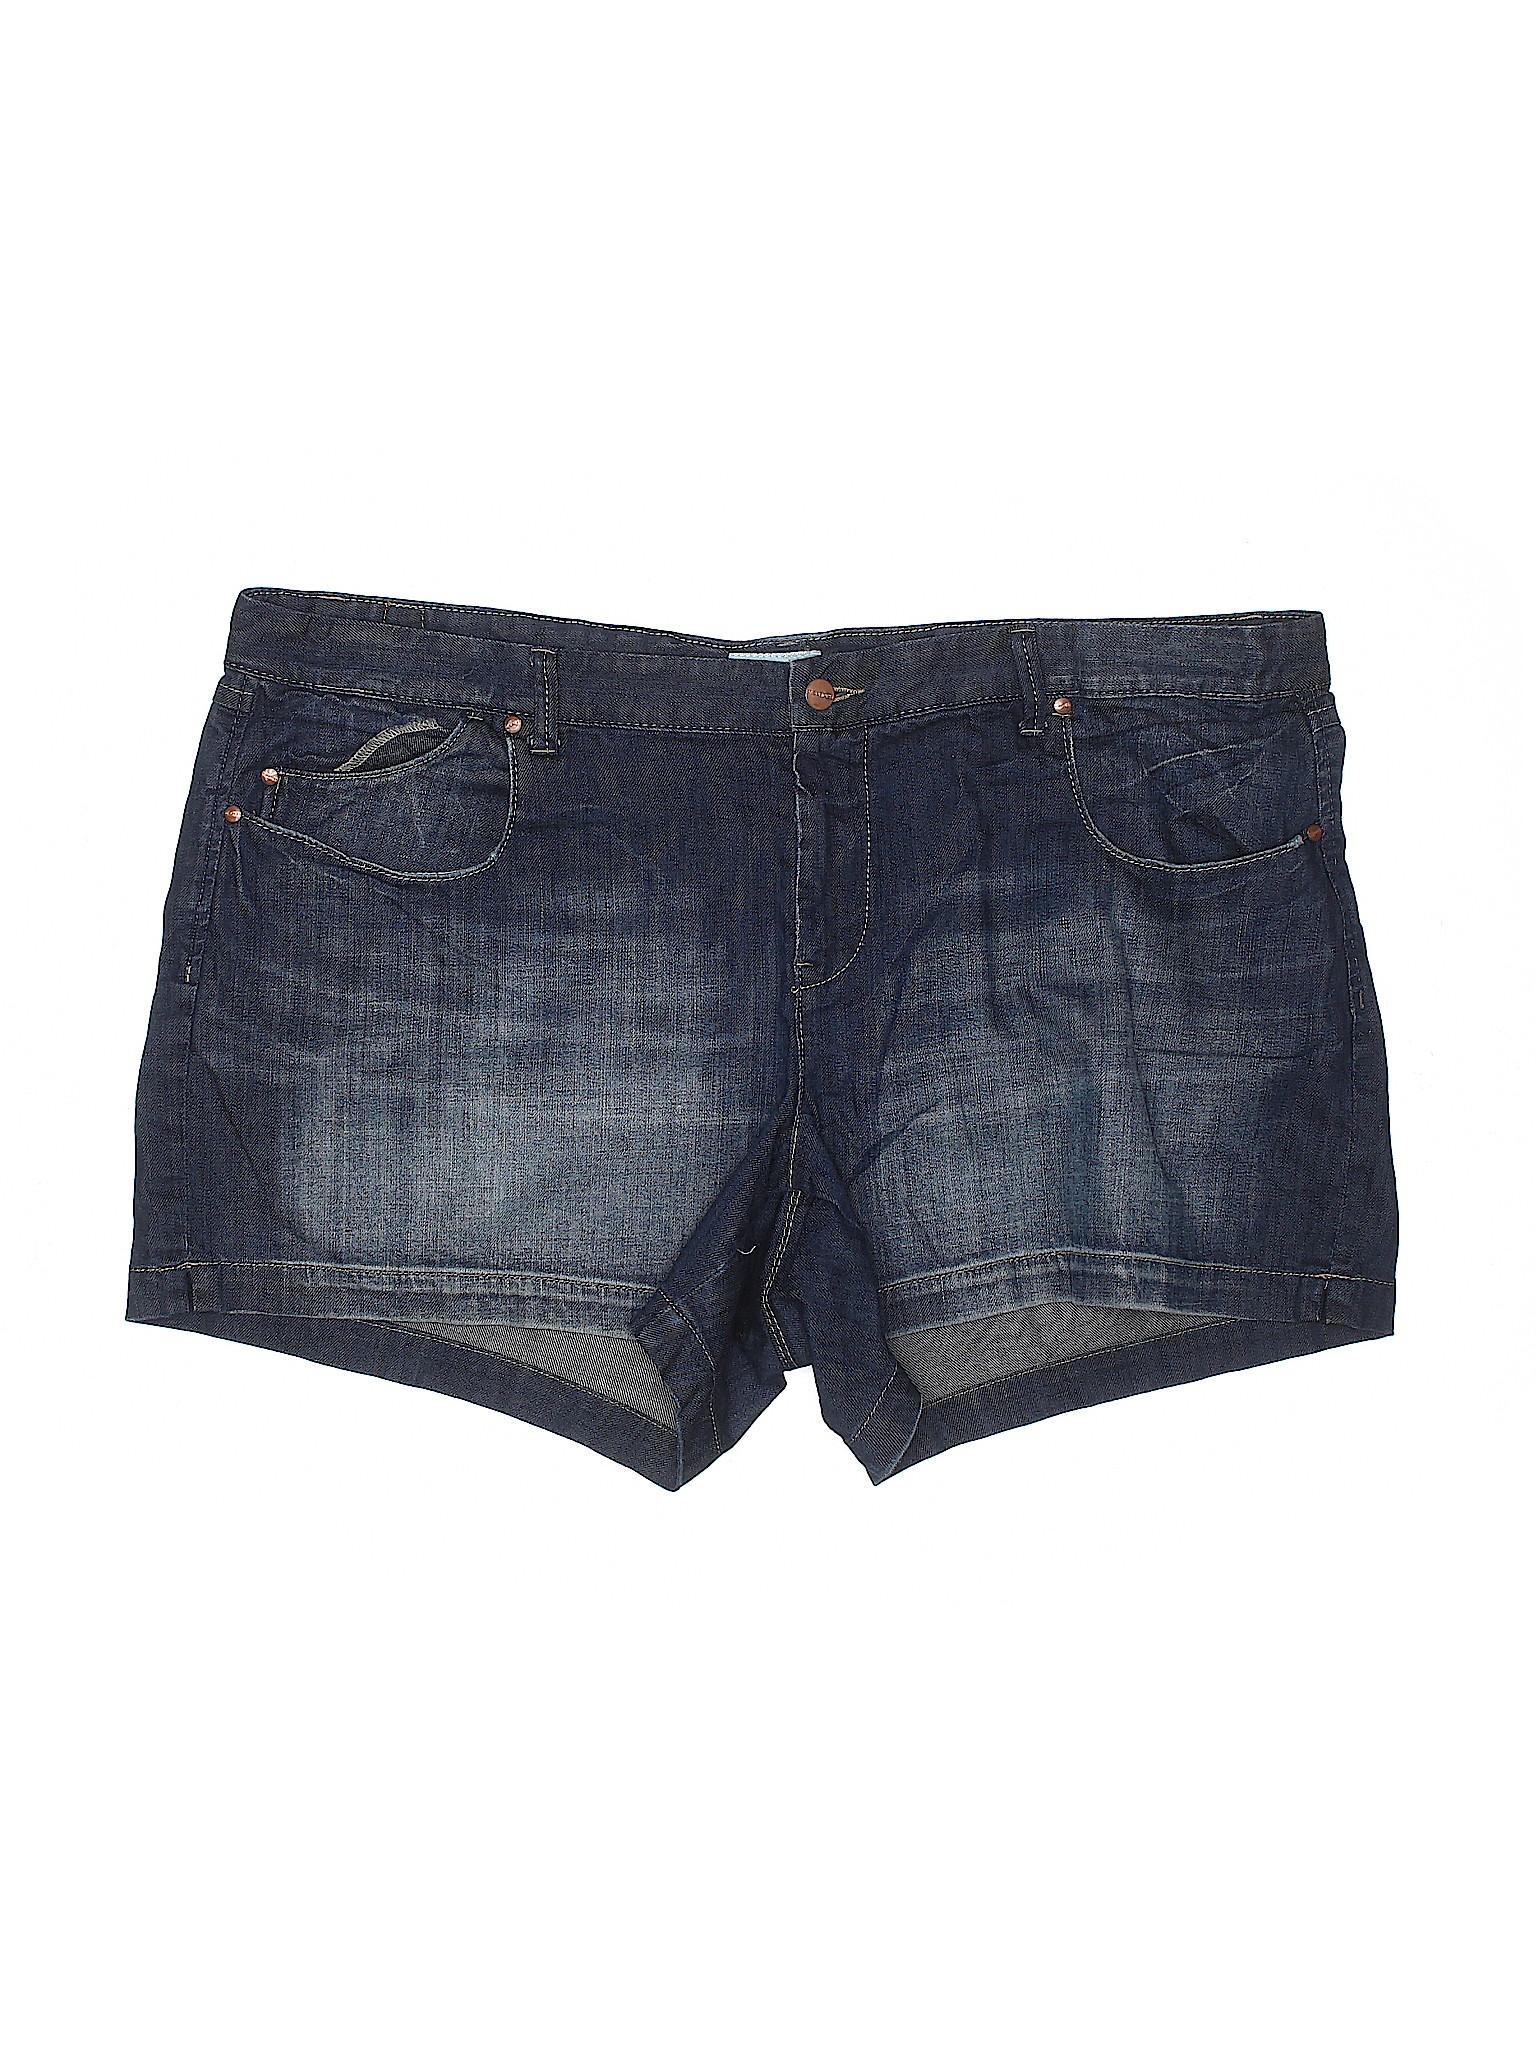 Denim leisure Boutique Boutique Shorts Maurices leisure 8YSqI